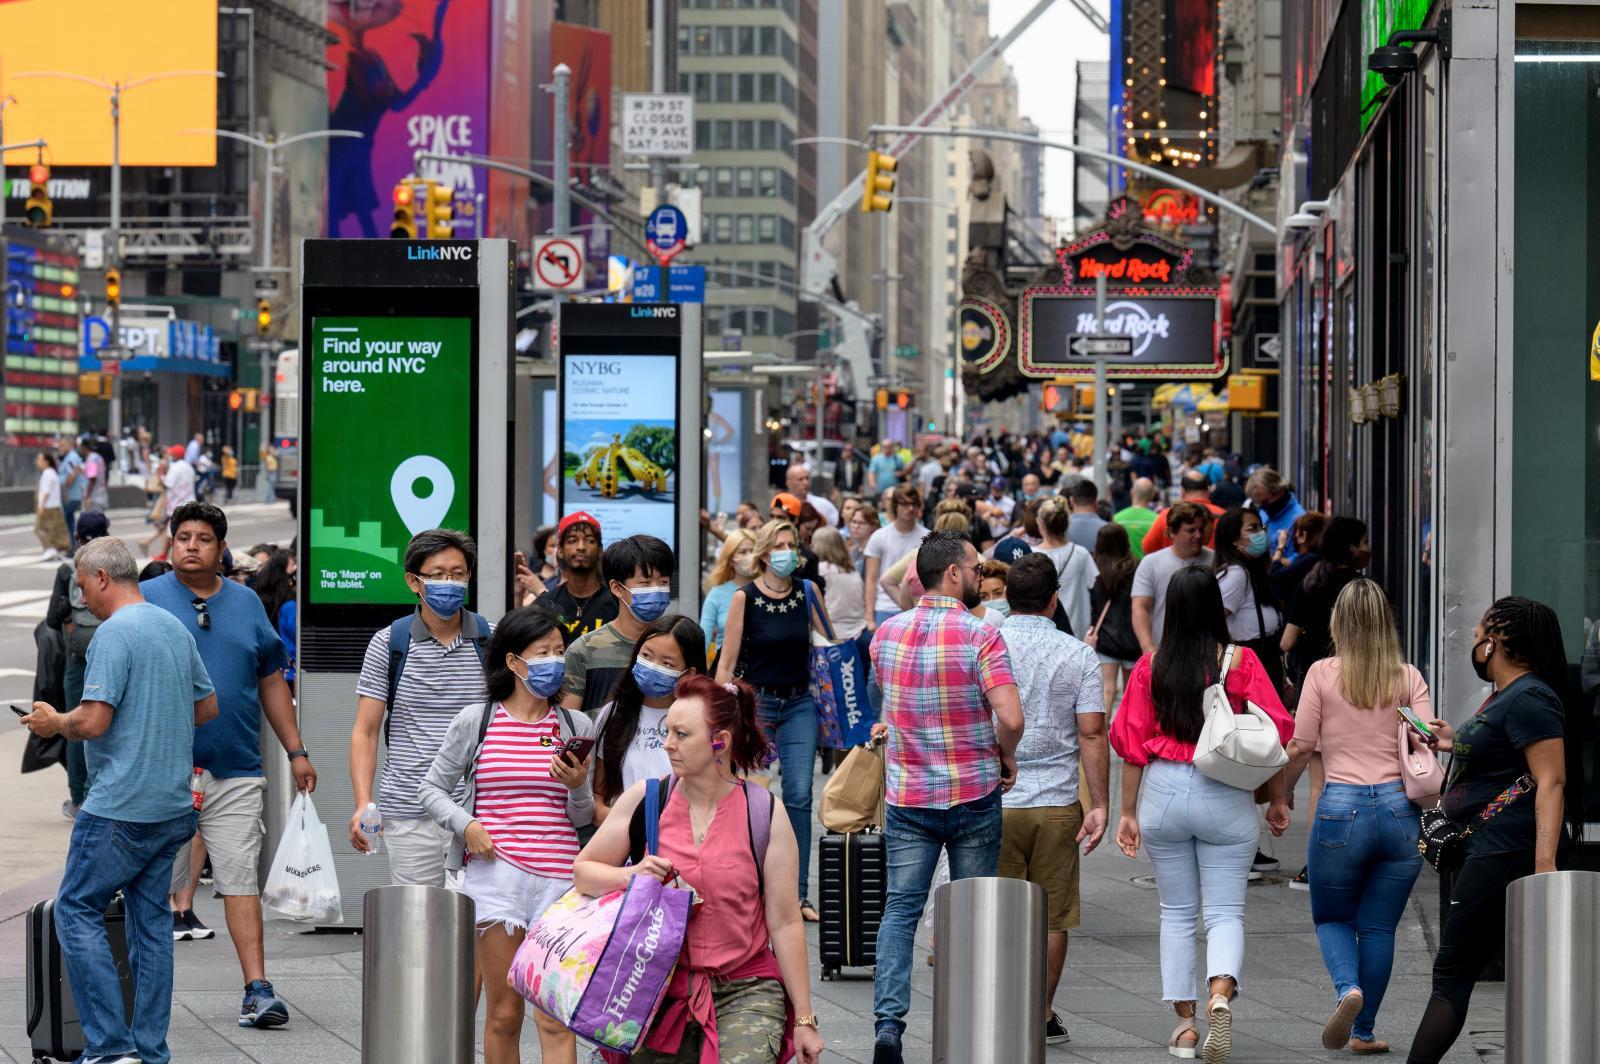 นิวยอร์ก ใจป้ำ แจกเงิน 3,200 บาท จูงใจคนฉีดวัคซีนโควิด